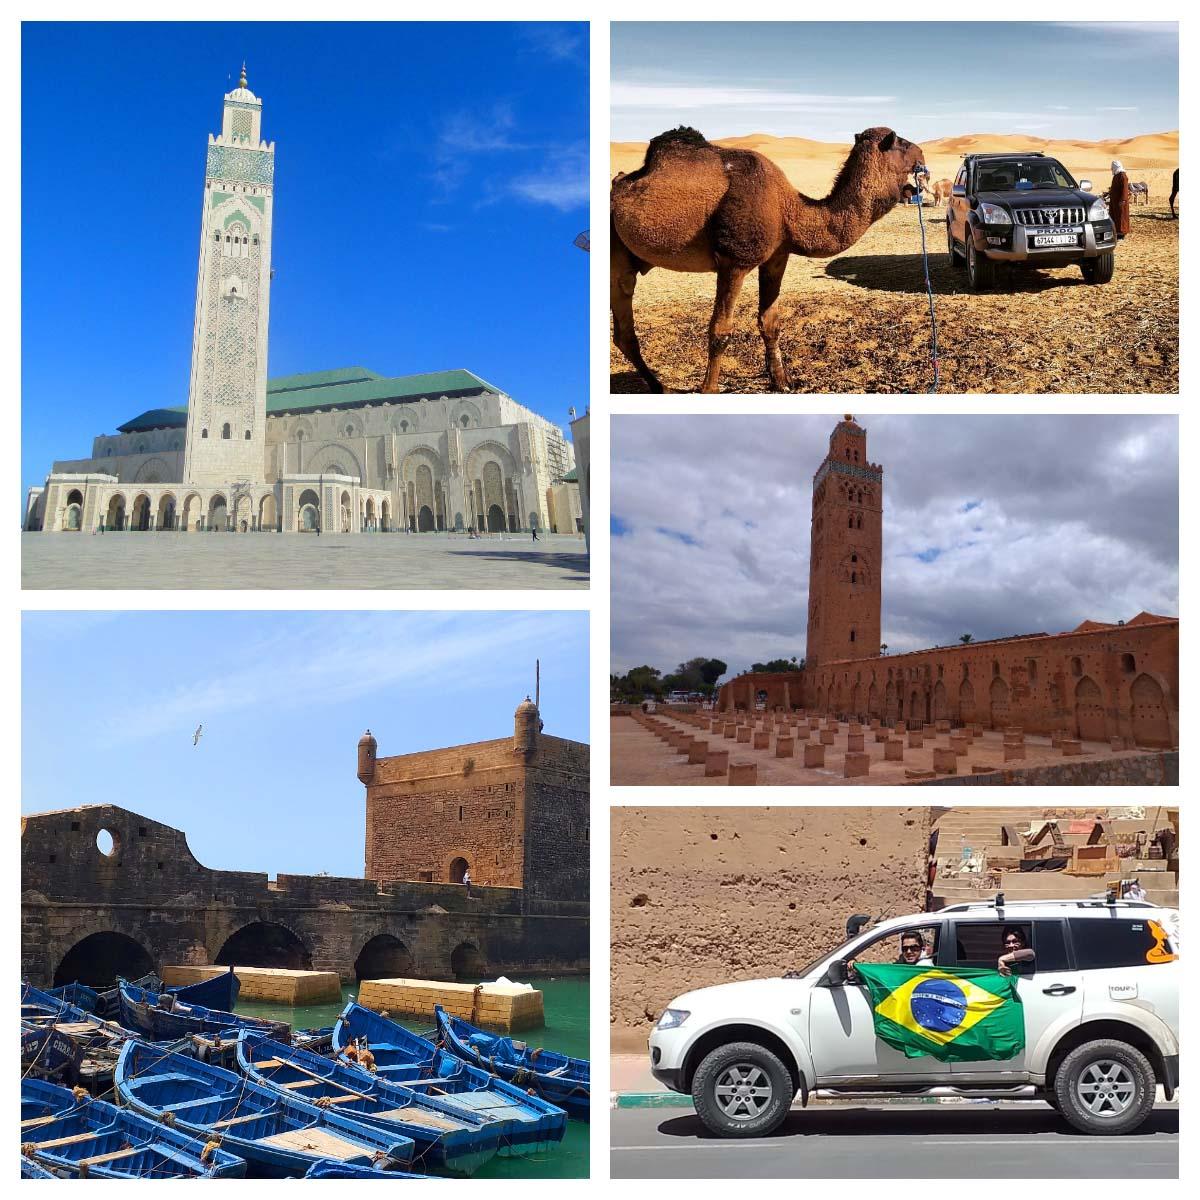 Guias de turismo em português no Marrocos